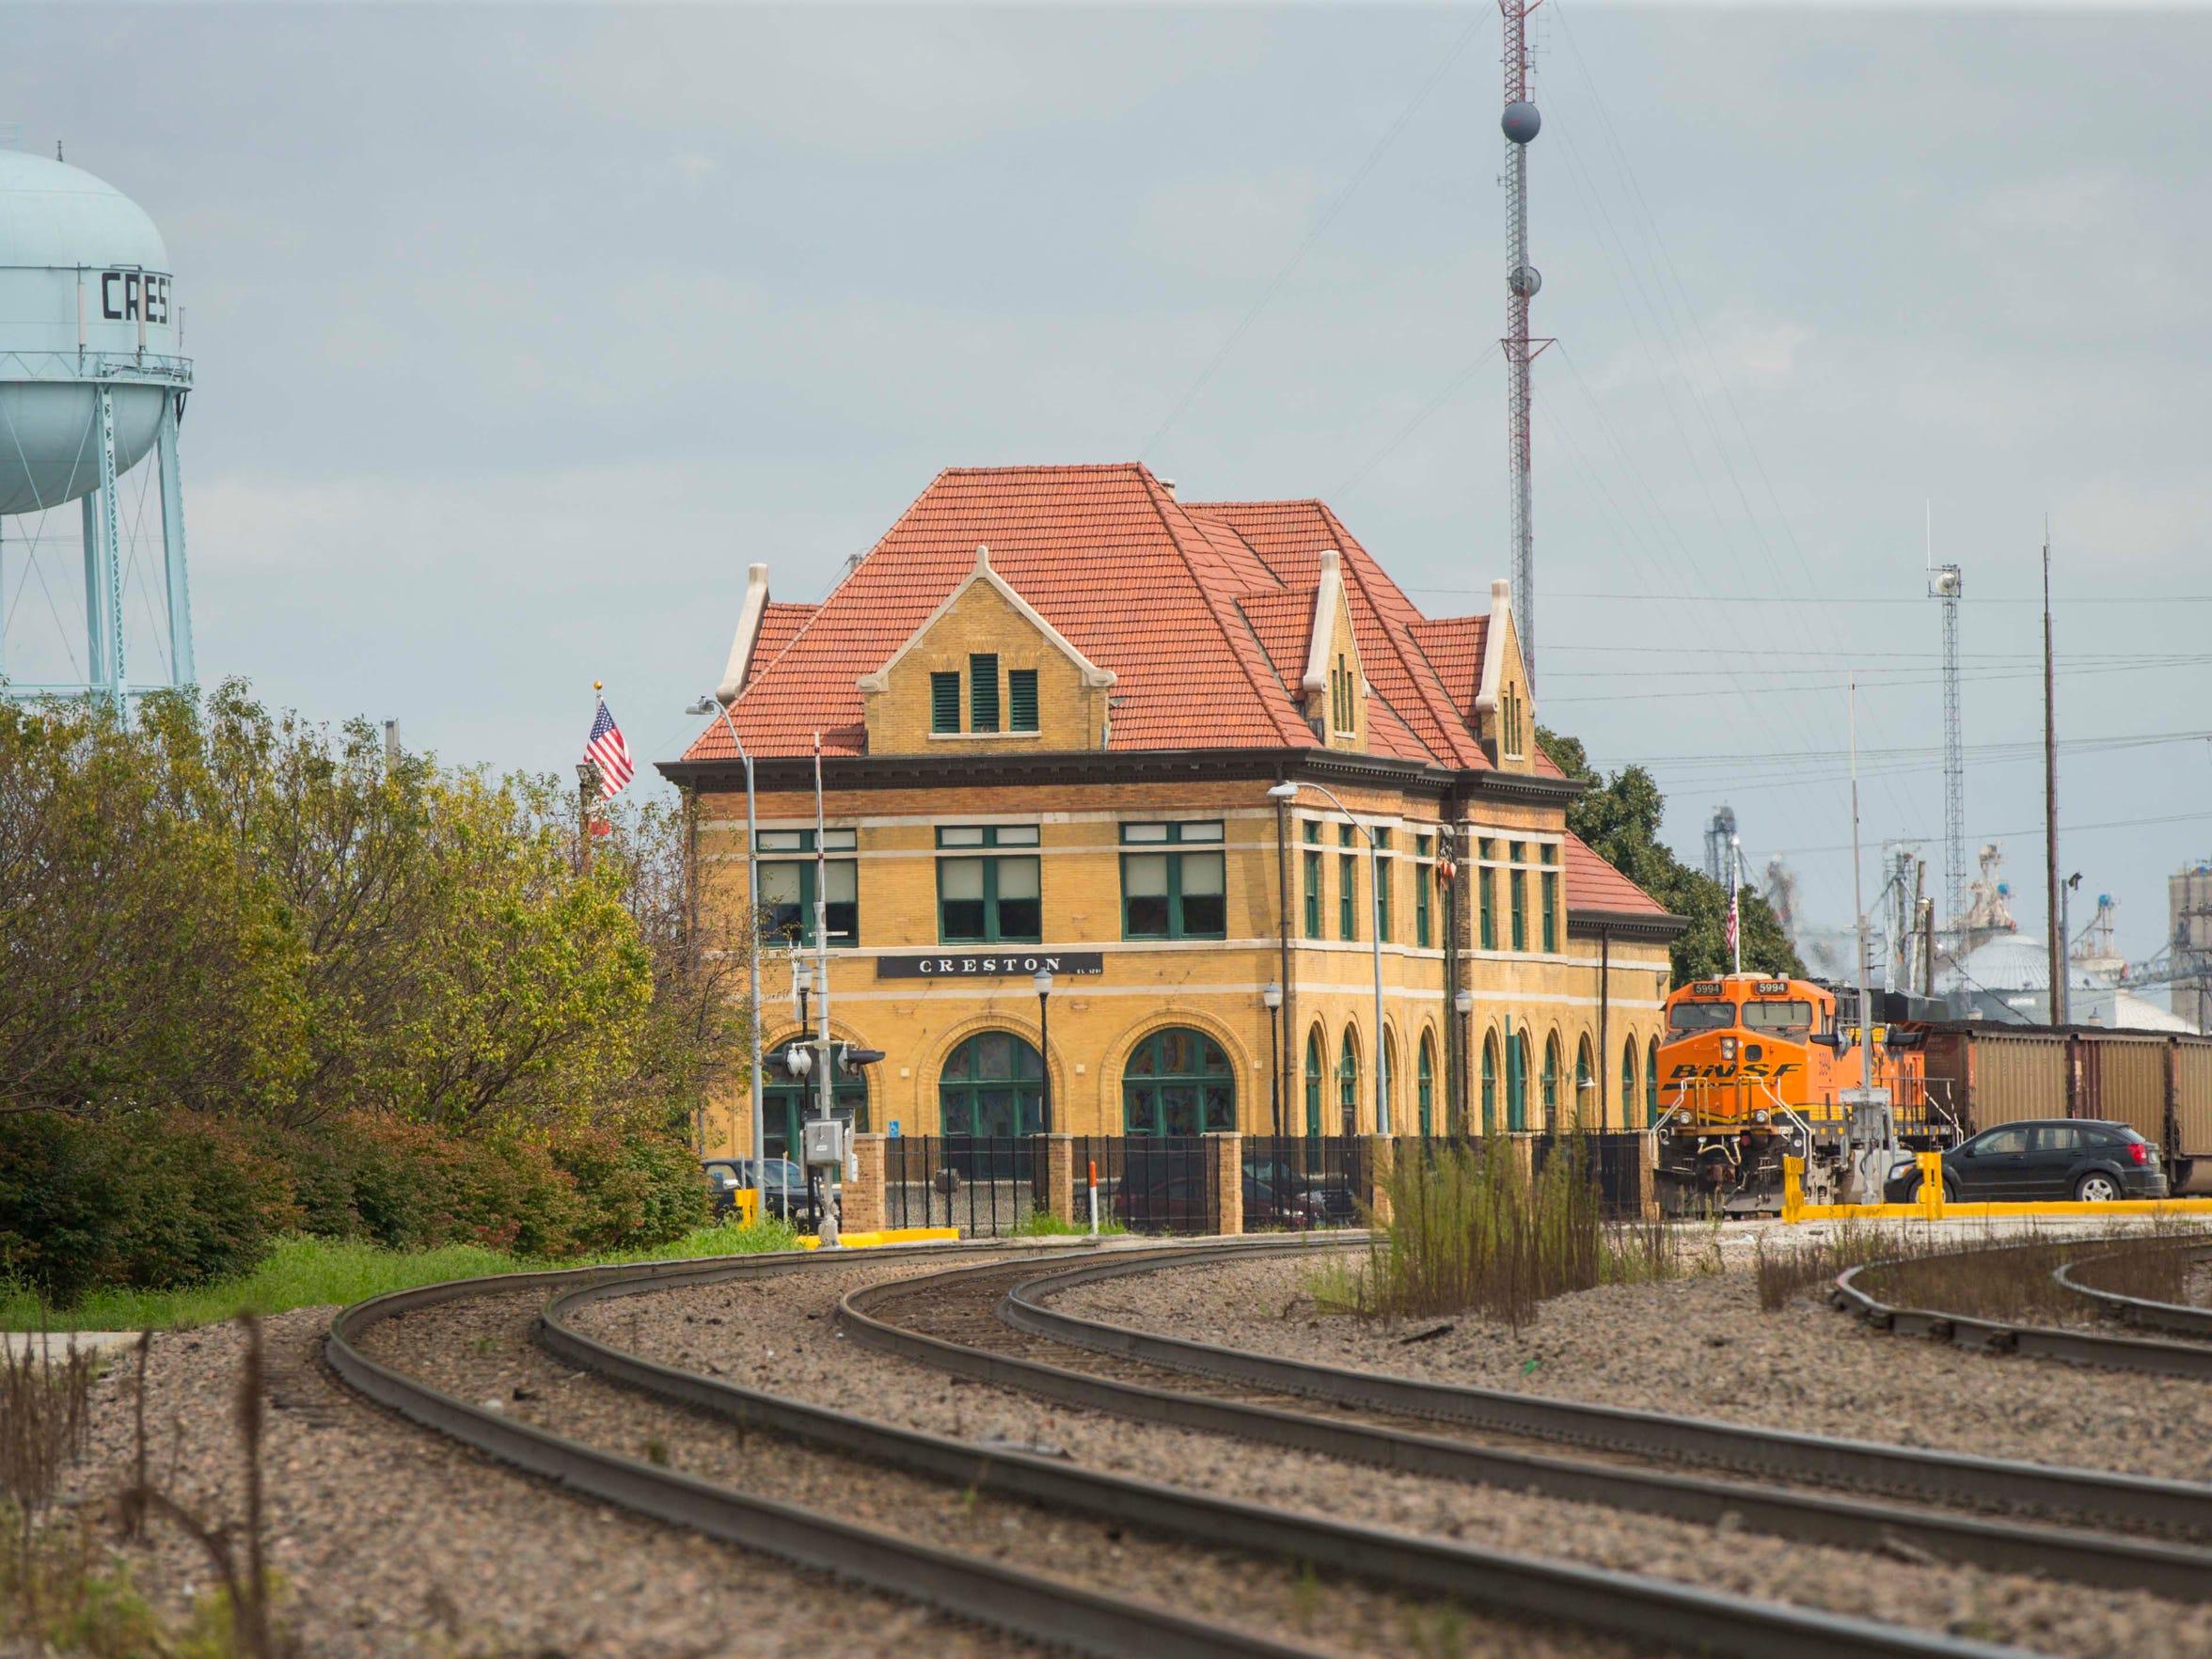 The Chicago, Burlington and Quincy Railroad-Creston